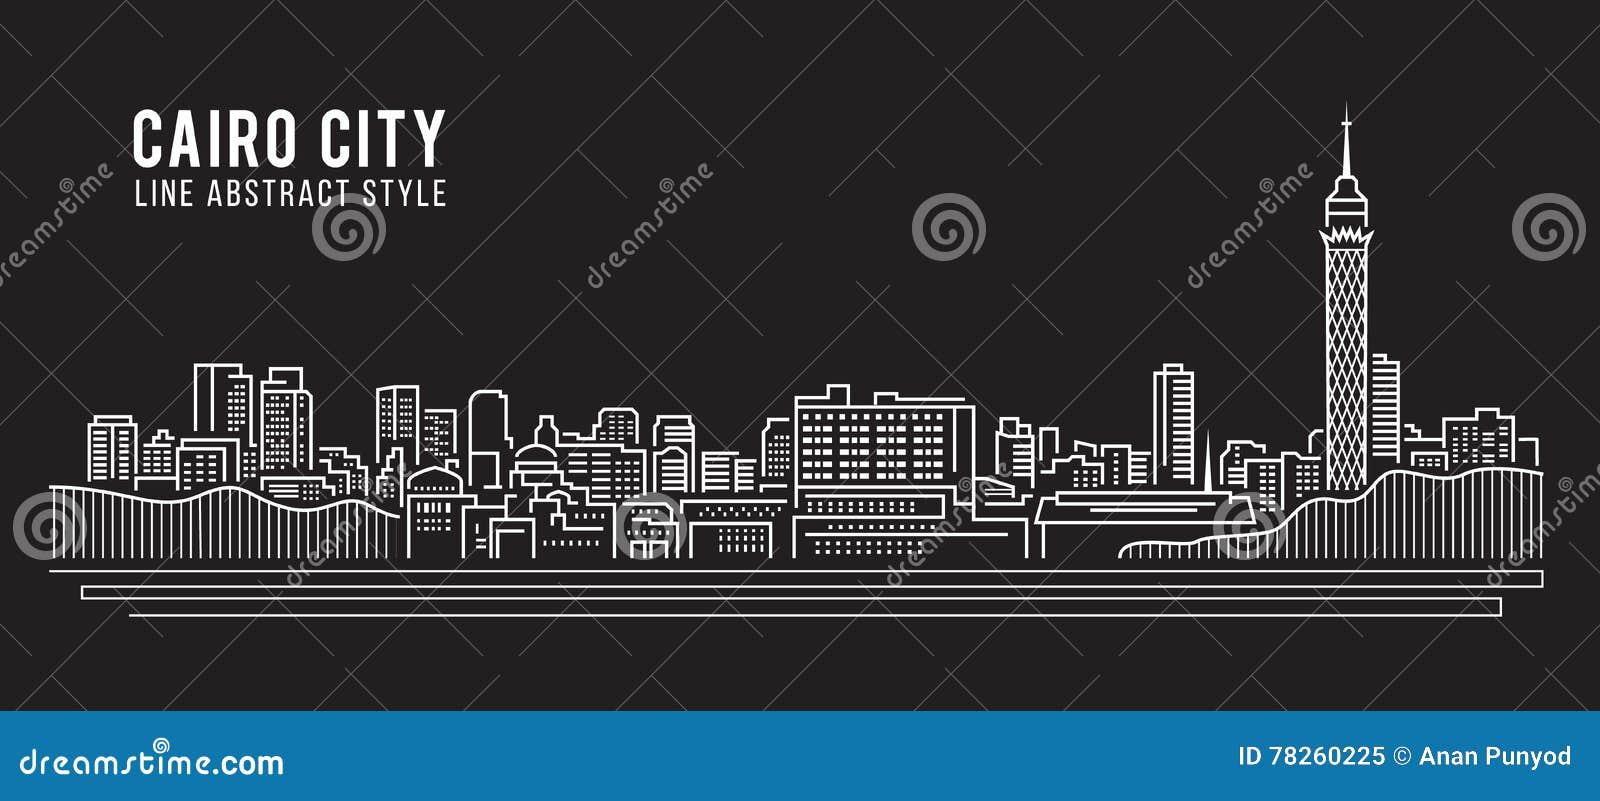 Διανυσματικό σχέδιο απεικόνισης τέχνης γραμμών κτηρίου εικονικής παράστασης πόλης - πόλη του Καίρου